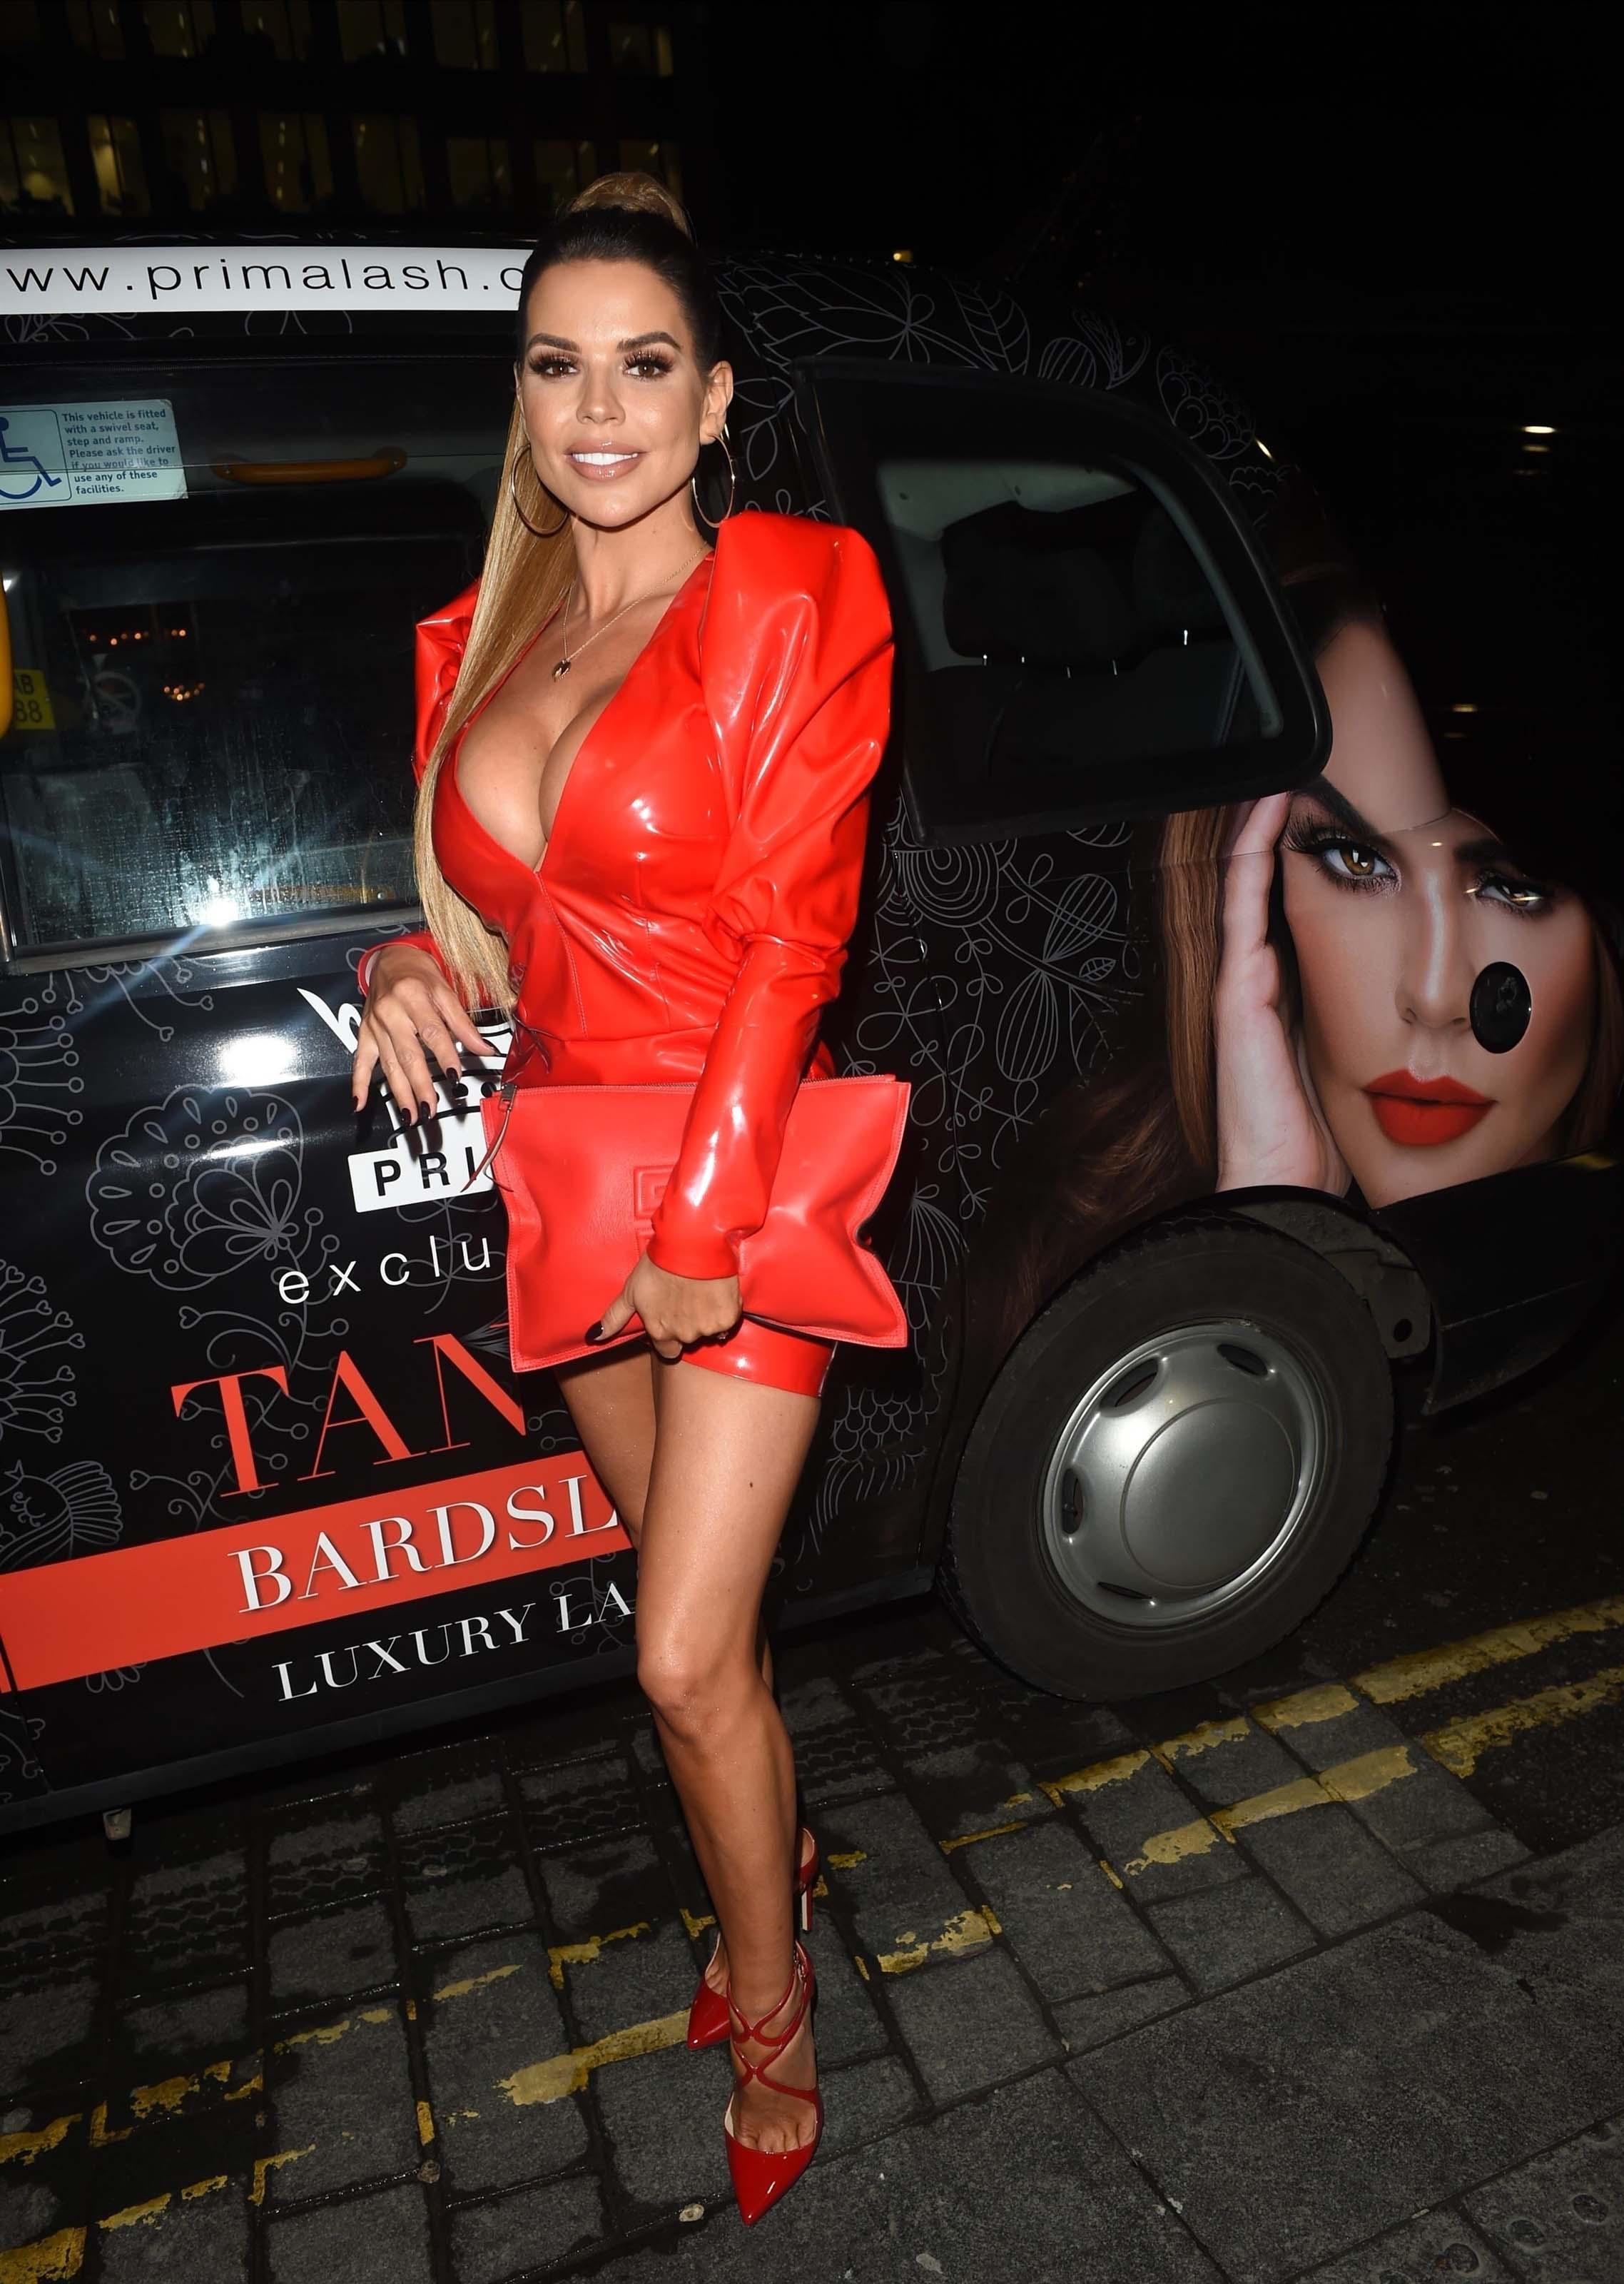 Tanya Bardsley attends Tanya Bardsley's Prima Lash Launch